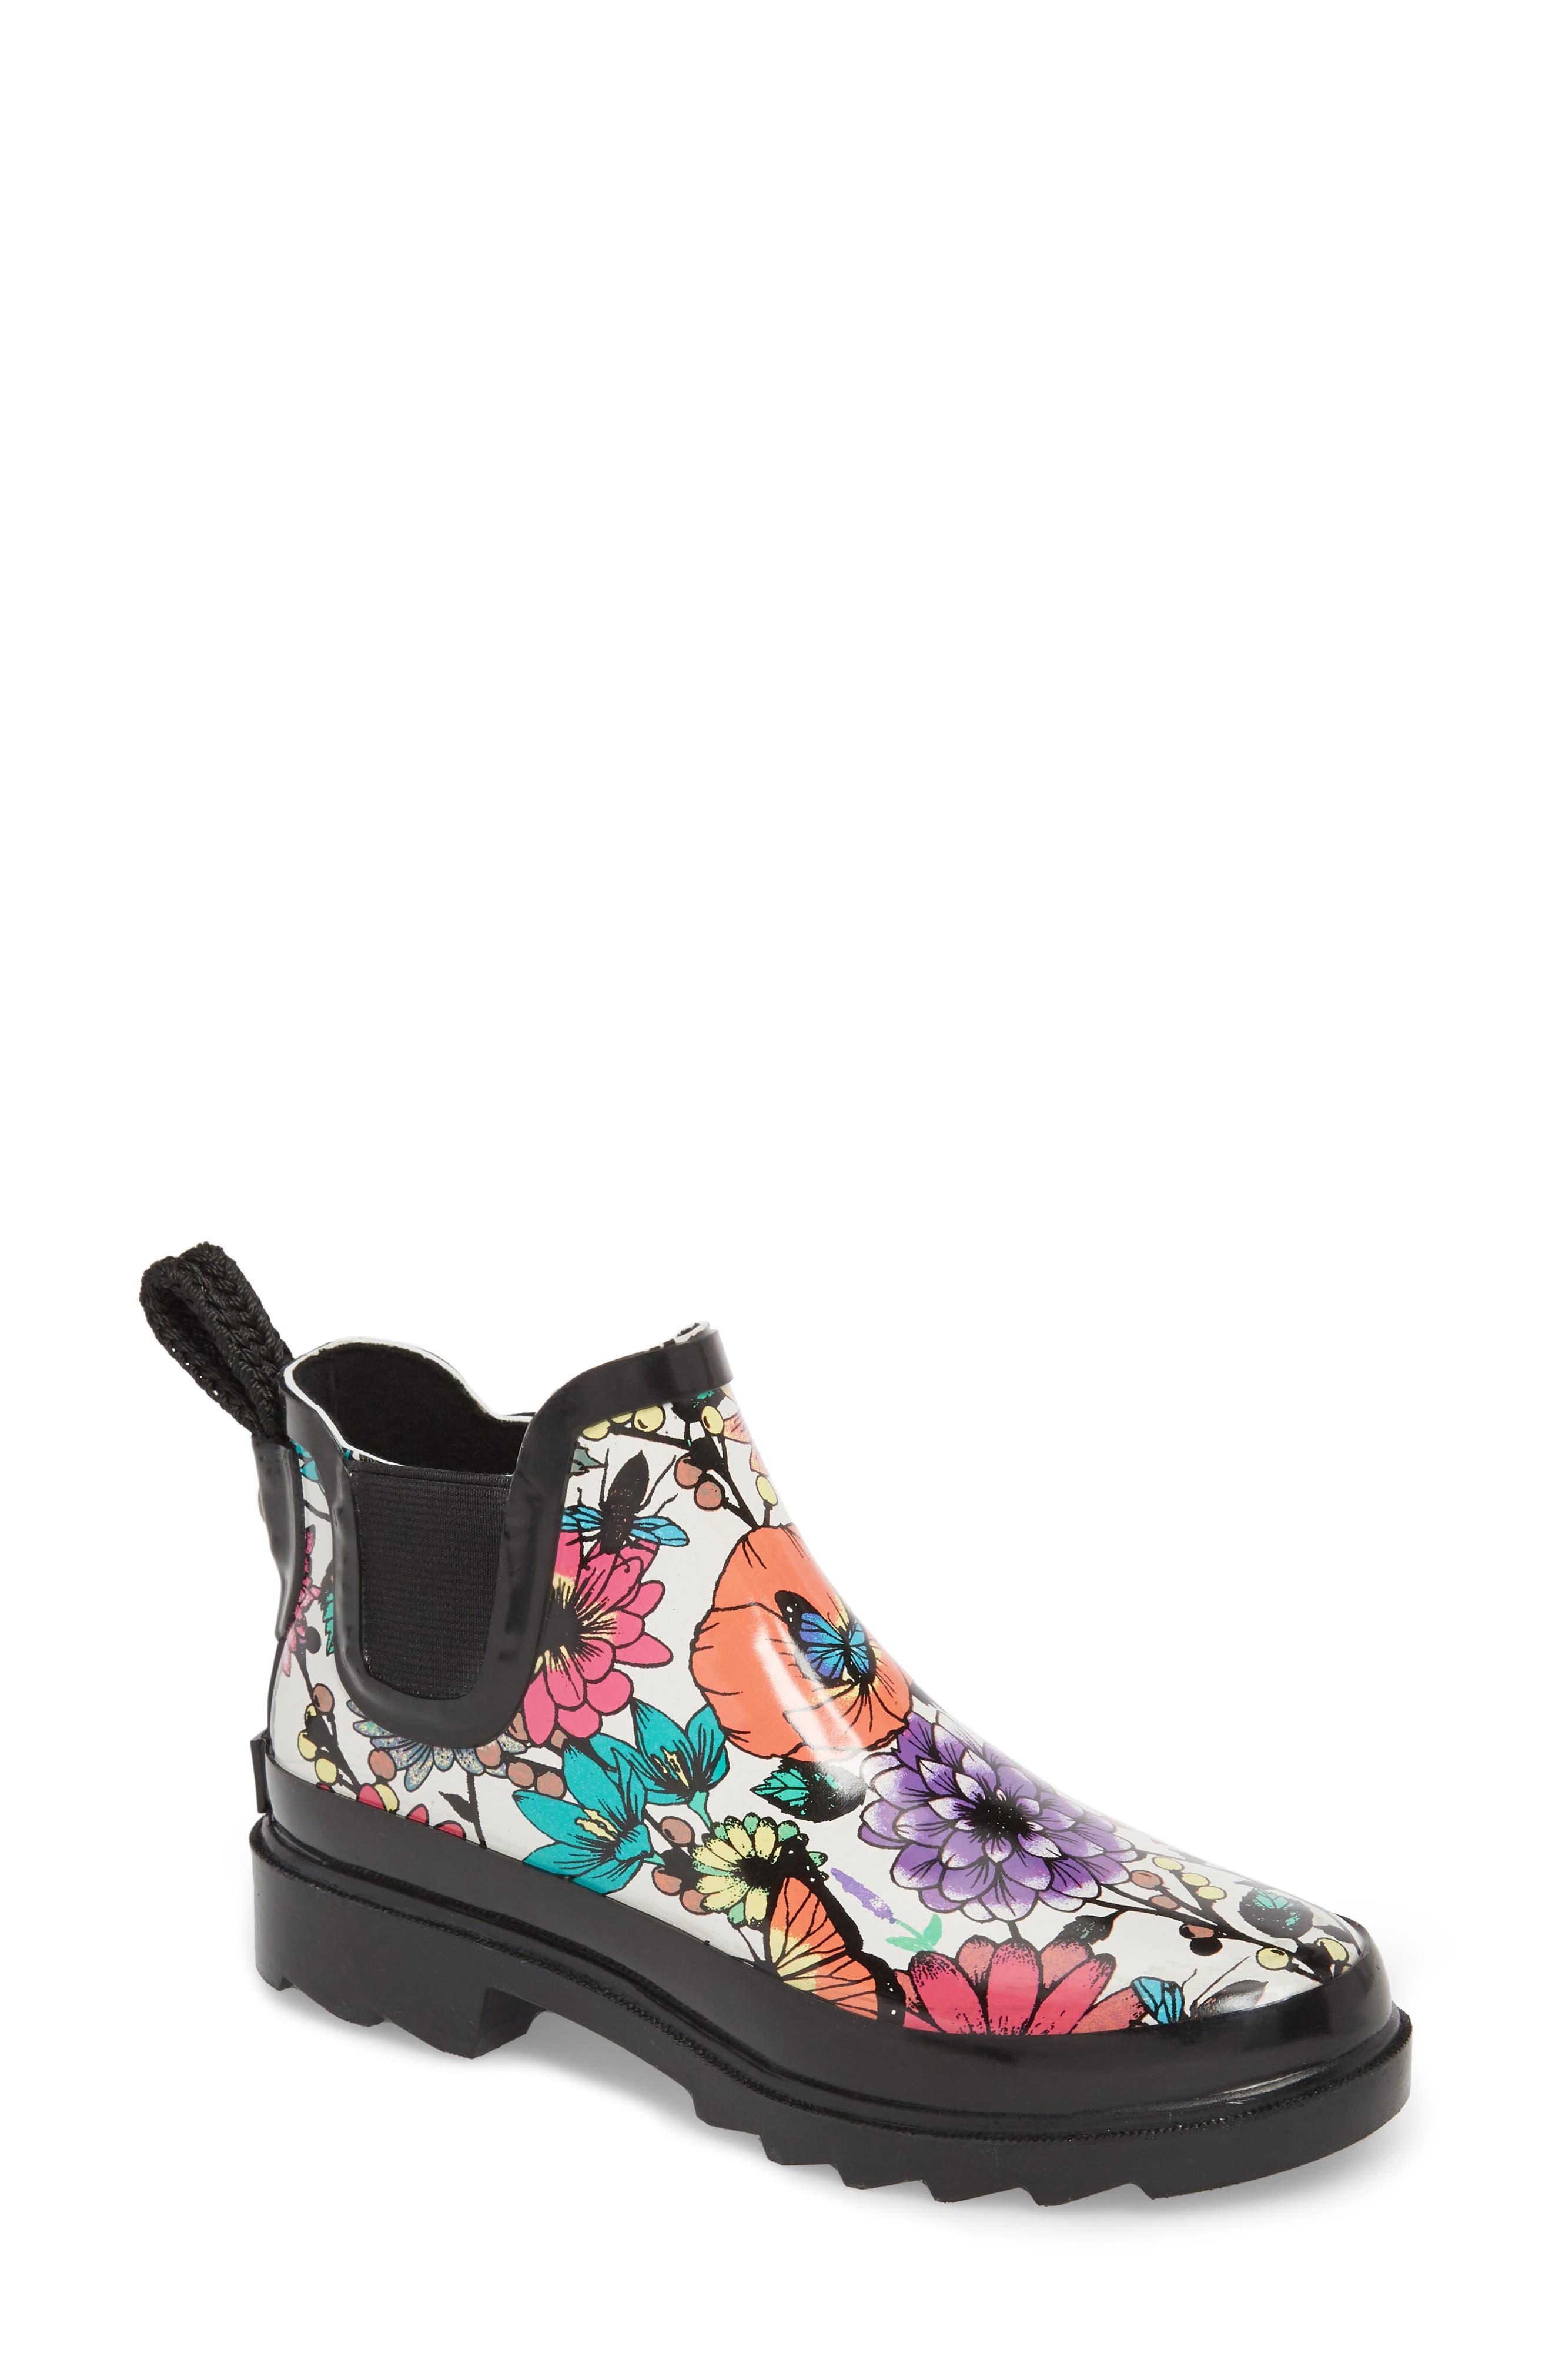 'Rhyme' Waterproof Rain Boot,                         Main,                         color, Optic In Bloom